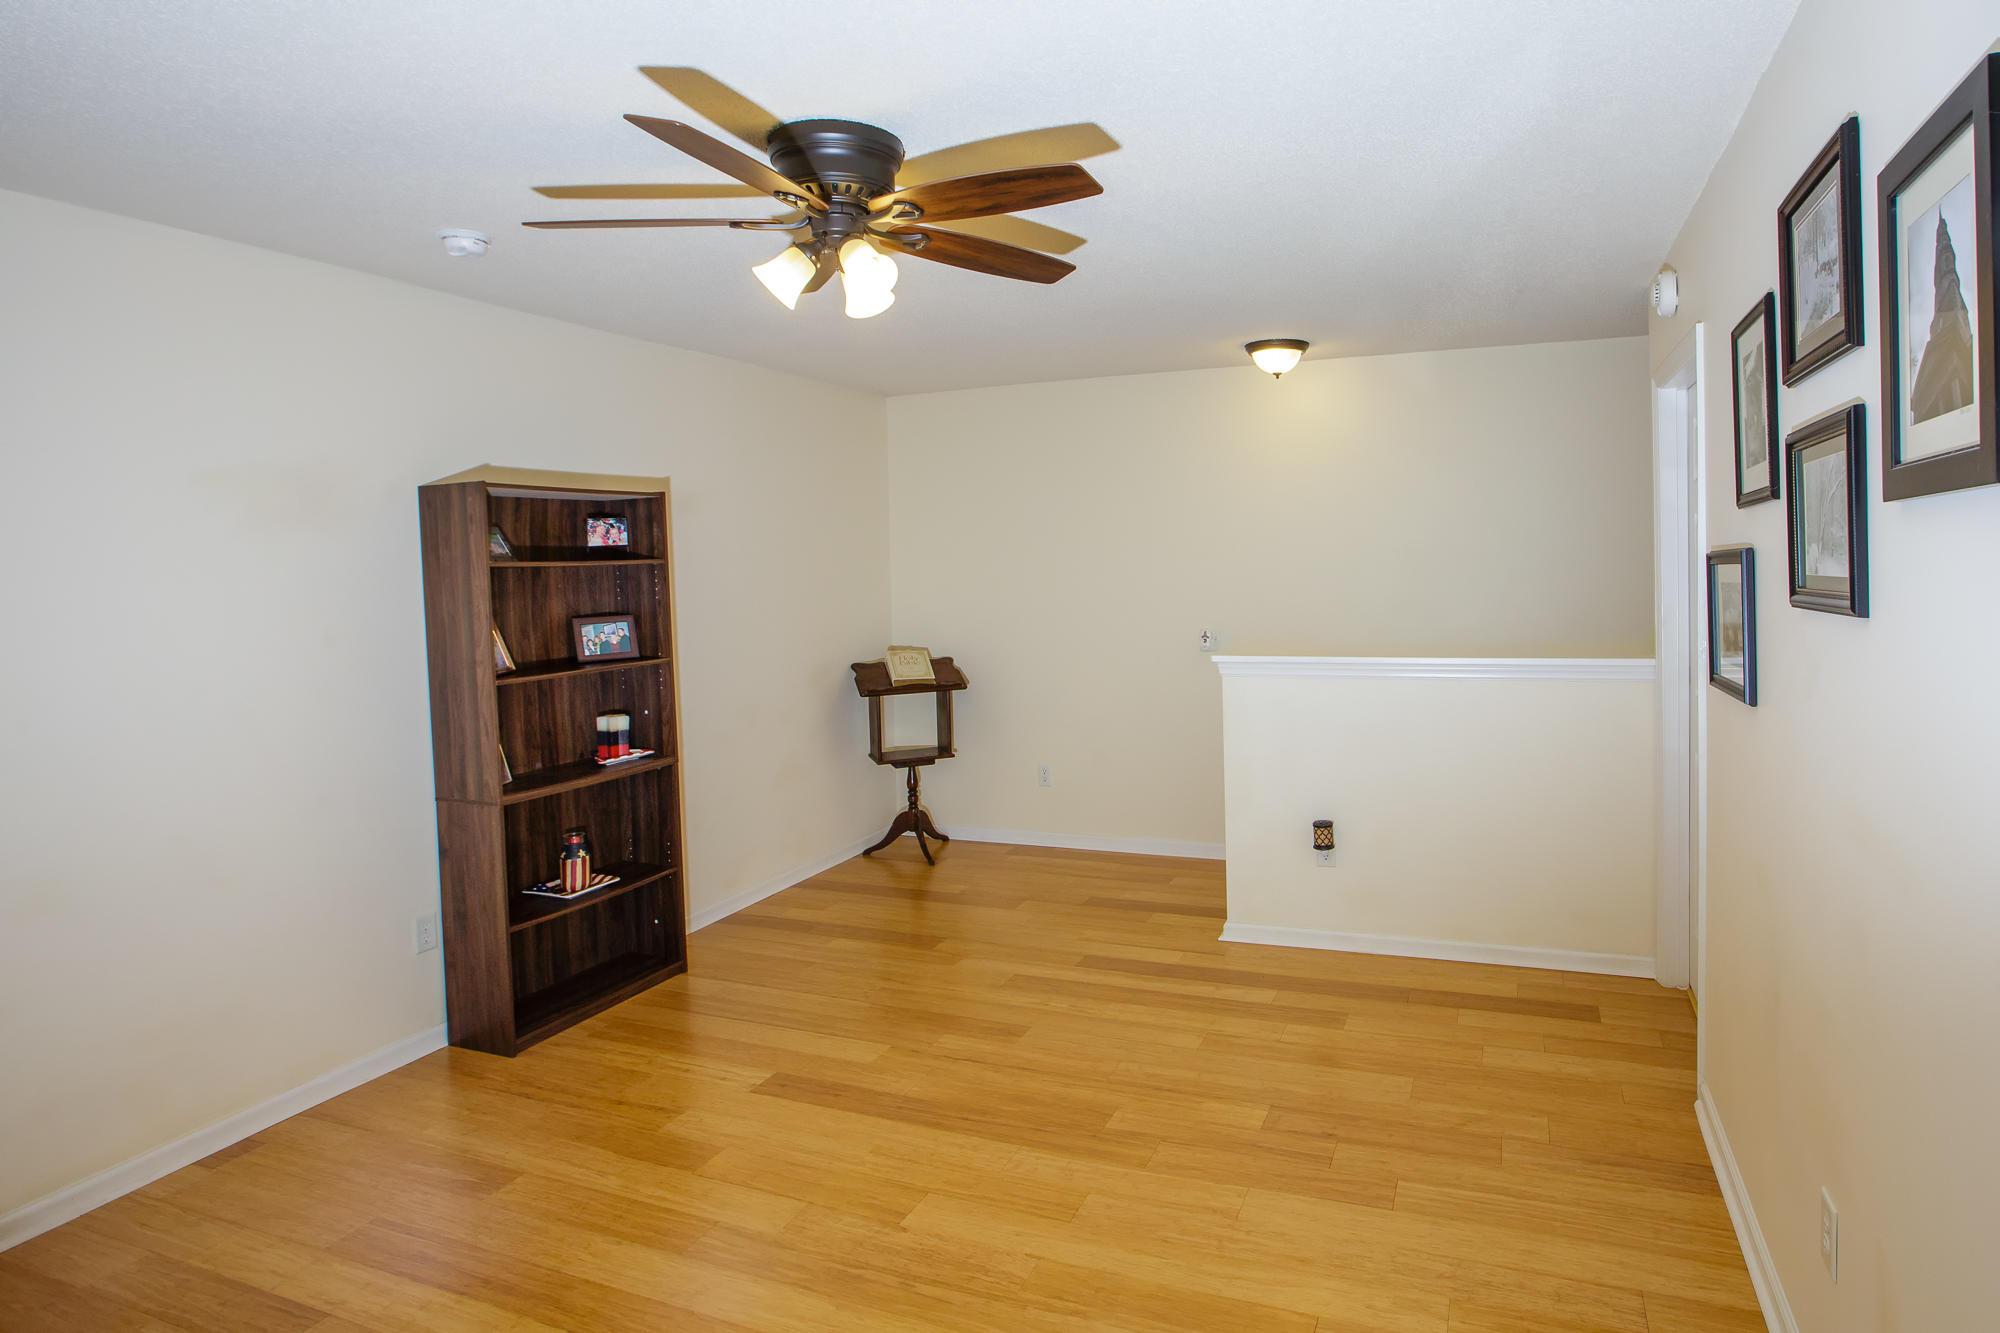 Hawthorne Place Homes For Sale - 347 Cohen, Ladson, SC - 24